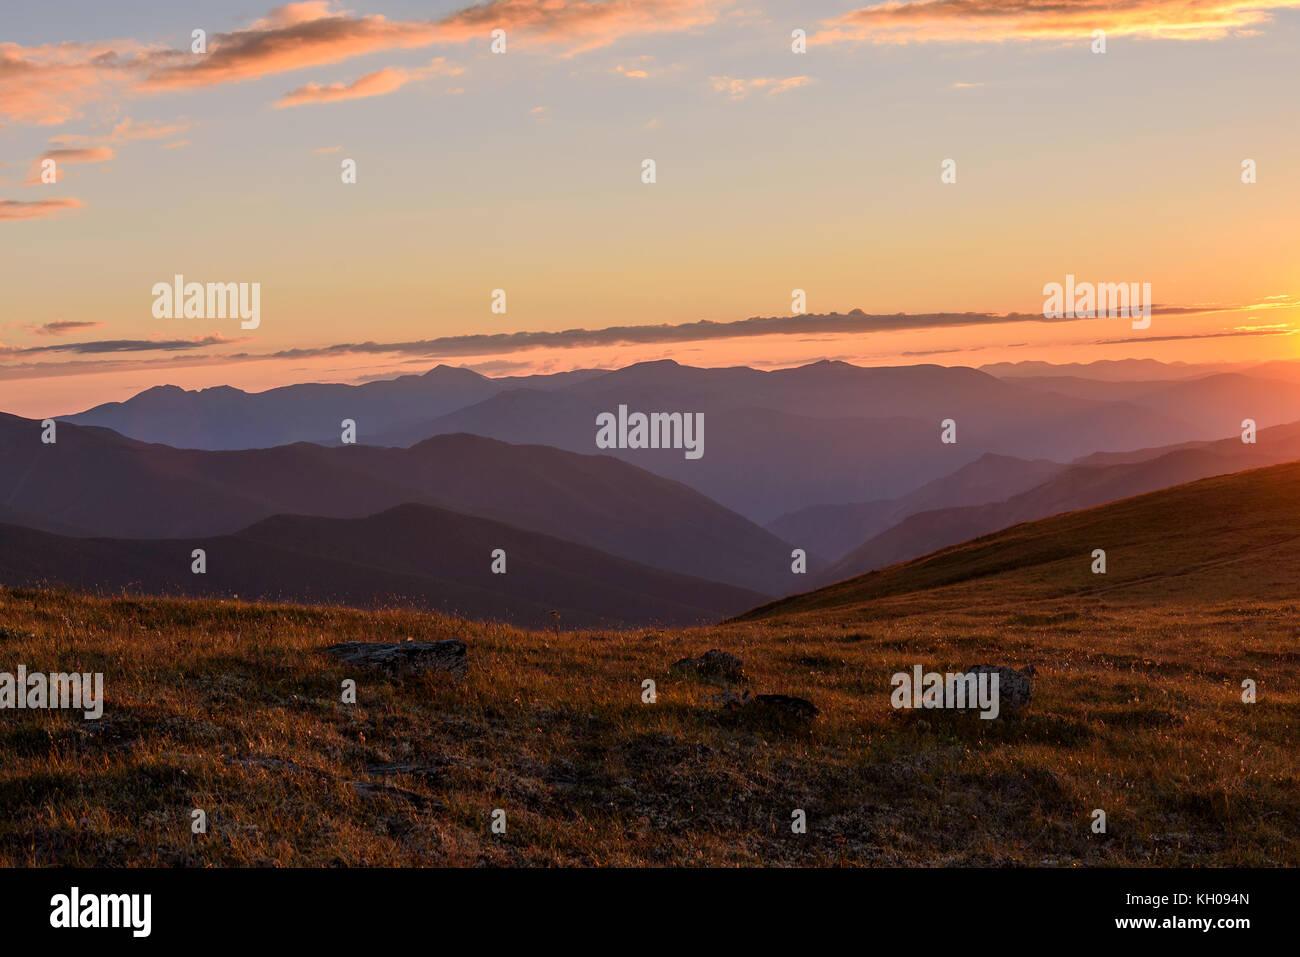 Die malerische Aussicht auf die Berge, die Sonne und die Konturen der Berge im Sonnenlicht bei Sonnenuntergang Stockfoto